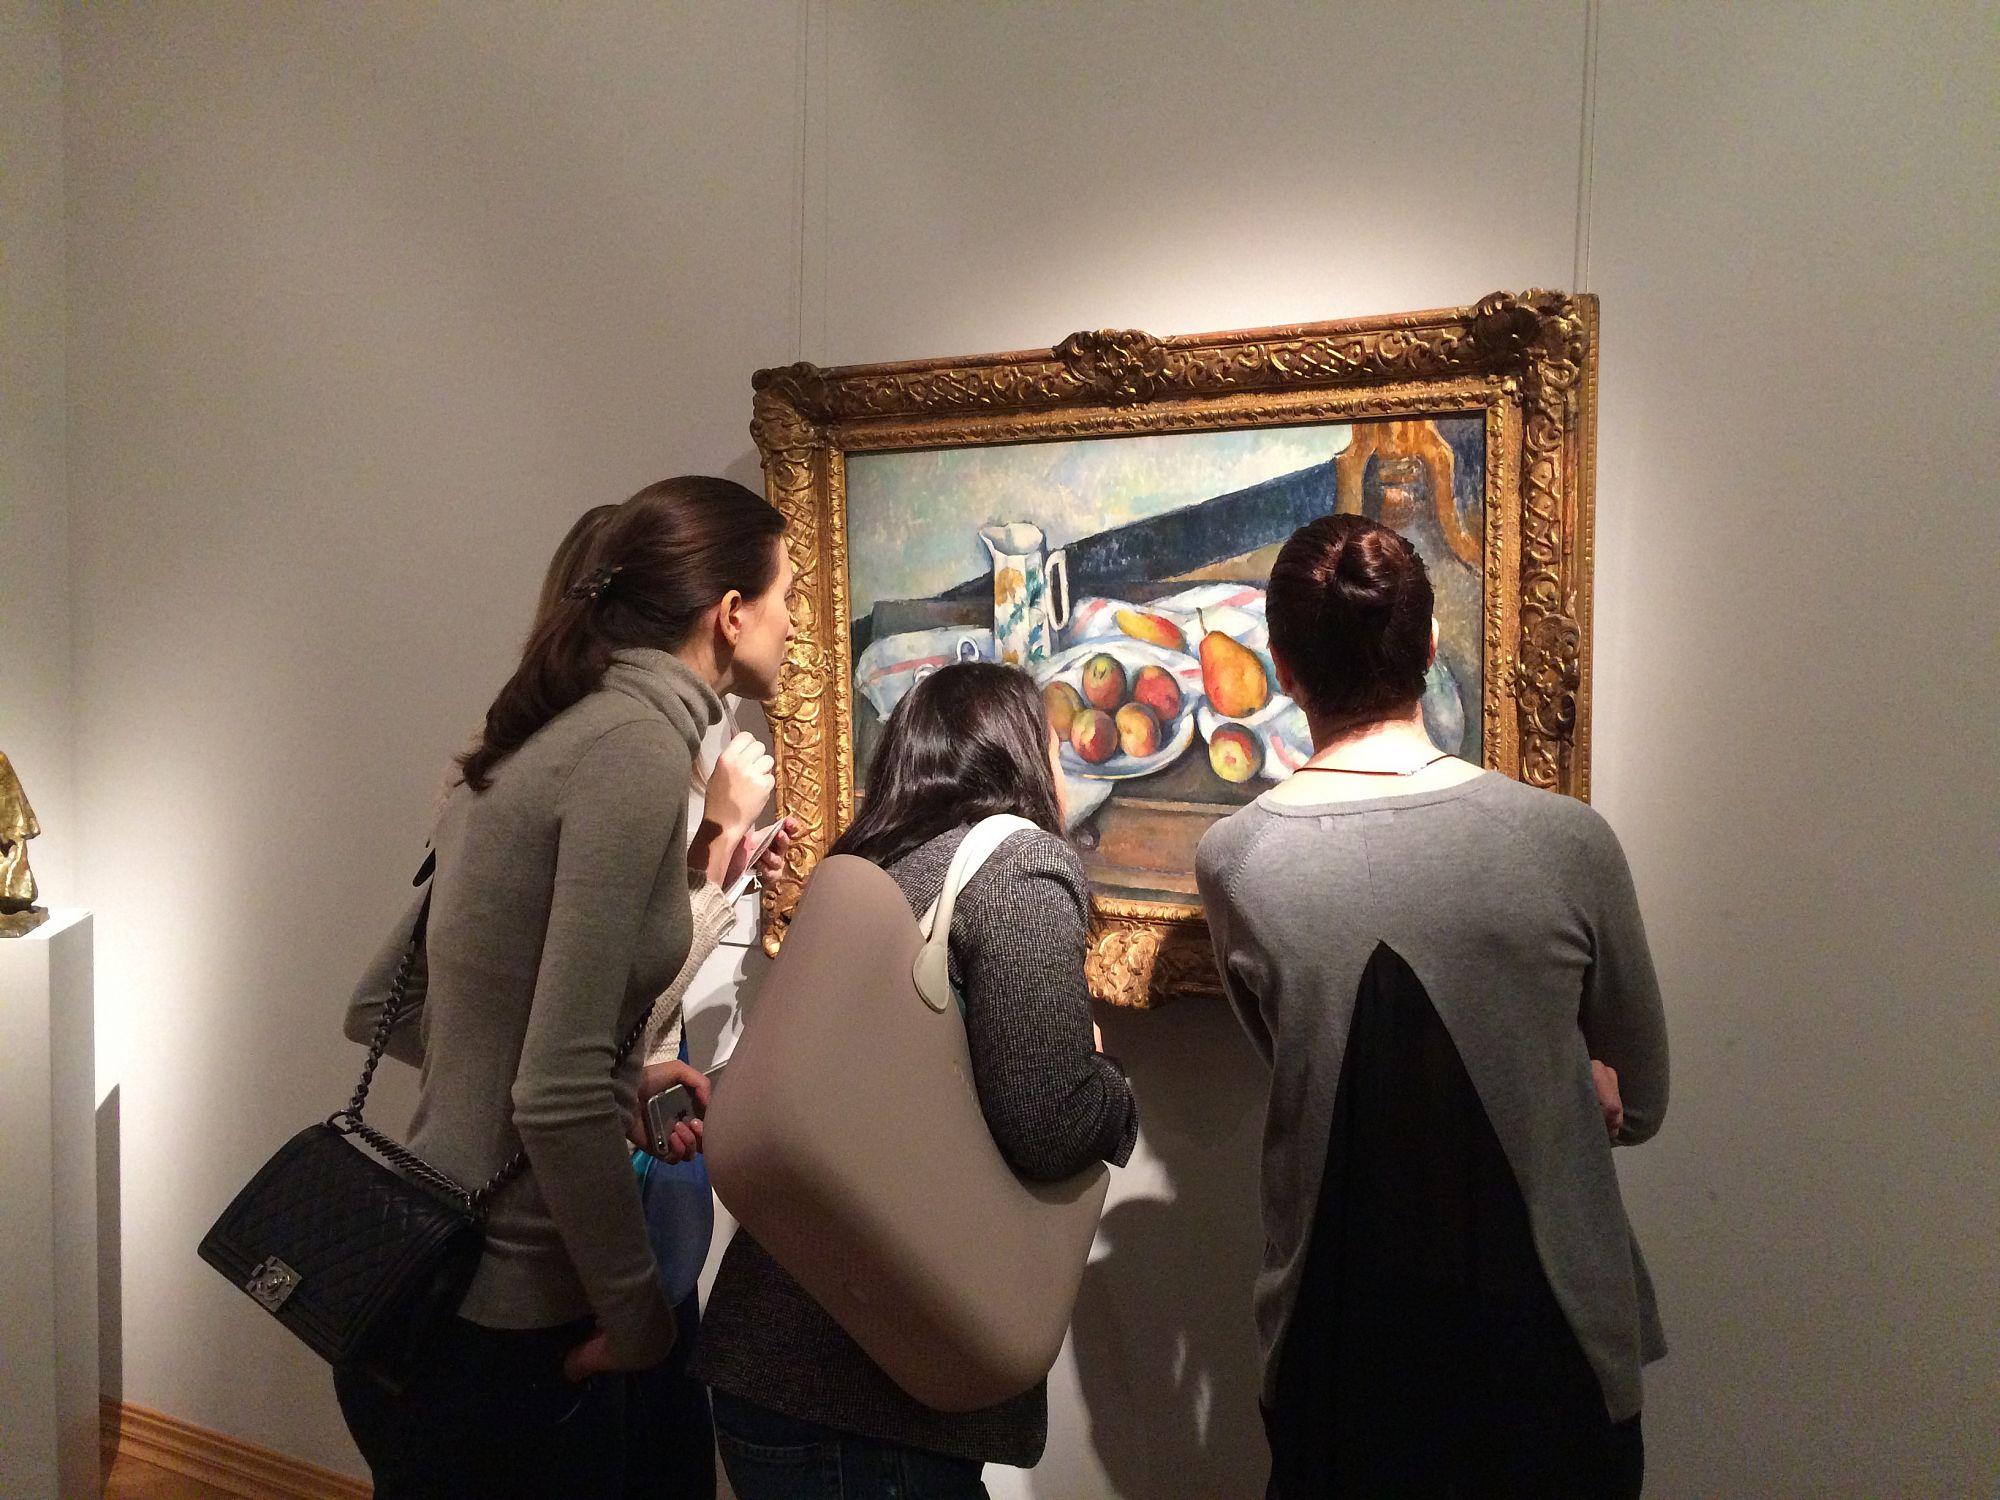 Базовый курс по истории искусства и введению в арт-бизнес «Коллекционер»